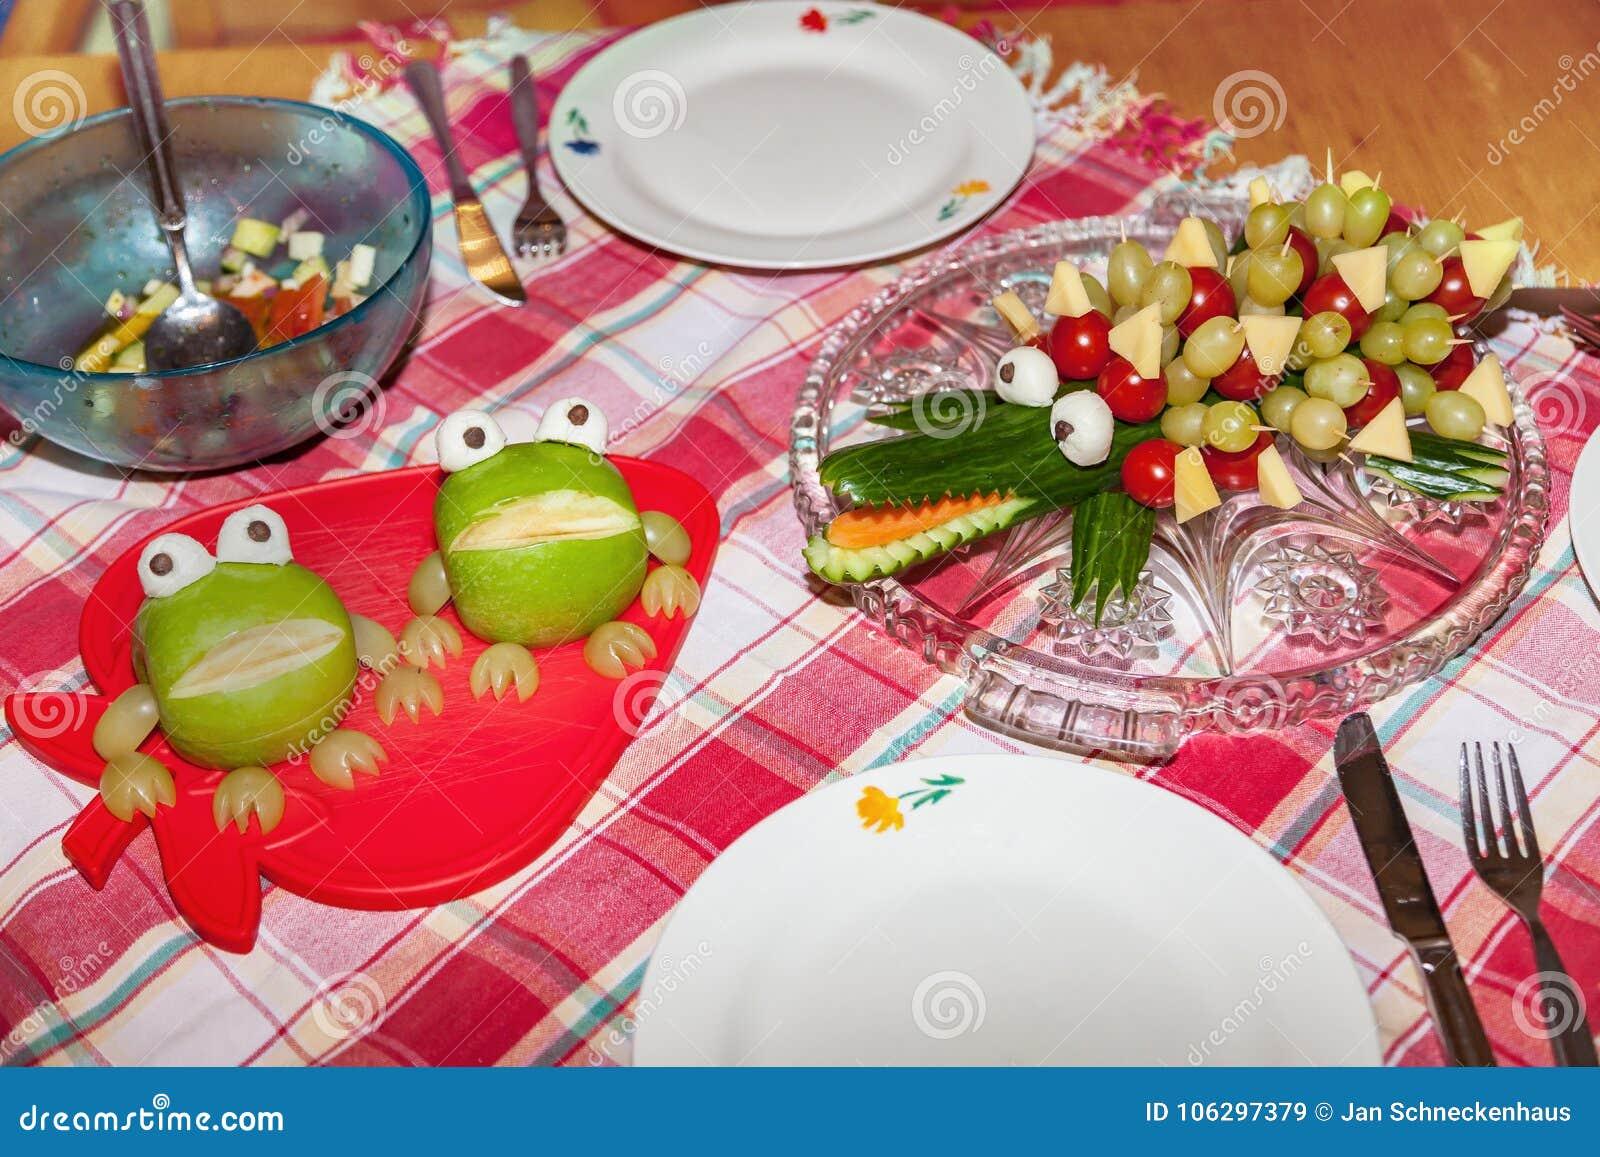 Einfaches Obst Und Gemüse Schnitzen Stockbild Bild Von Kinder